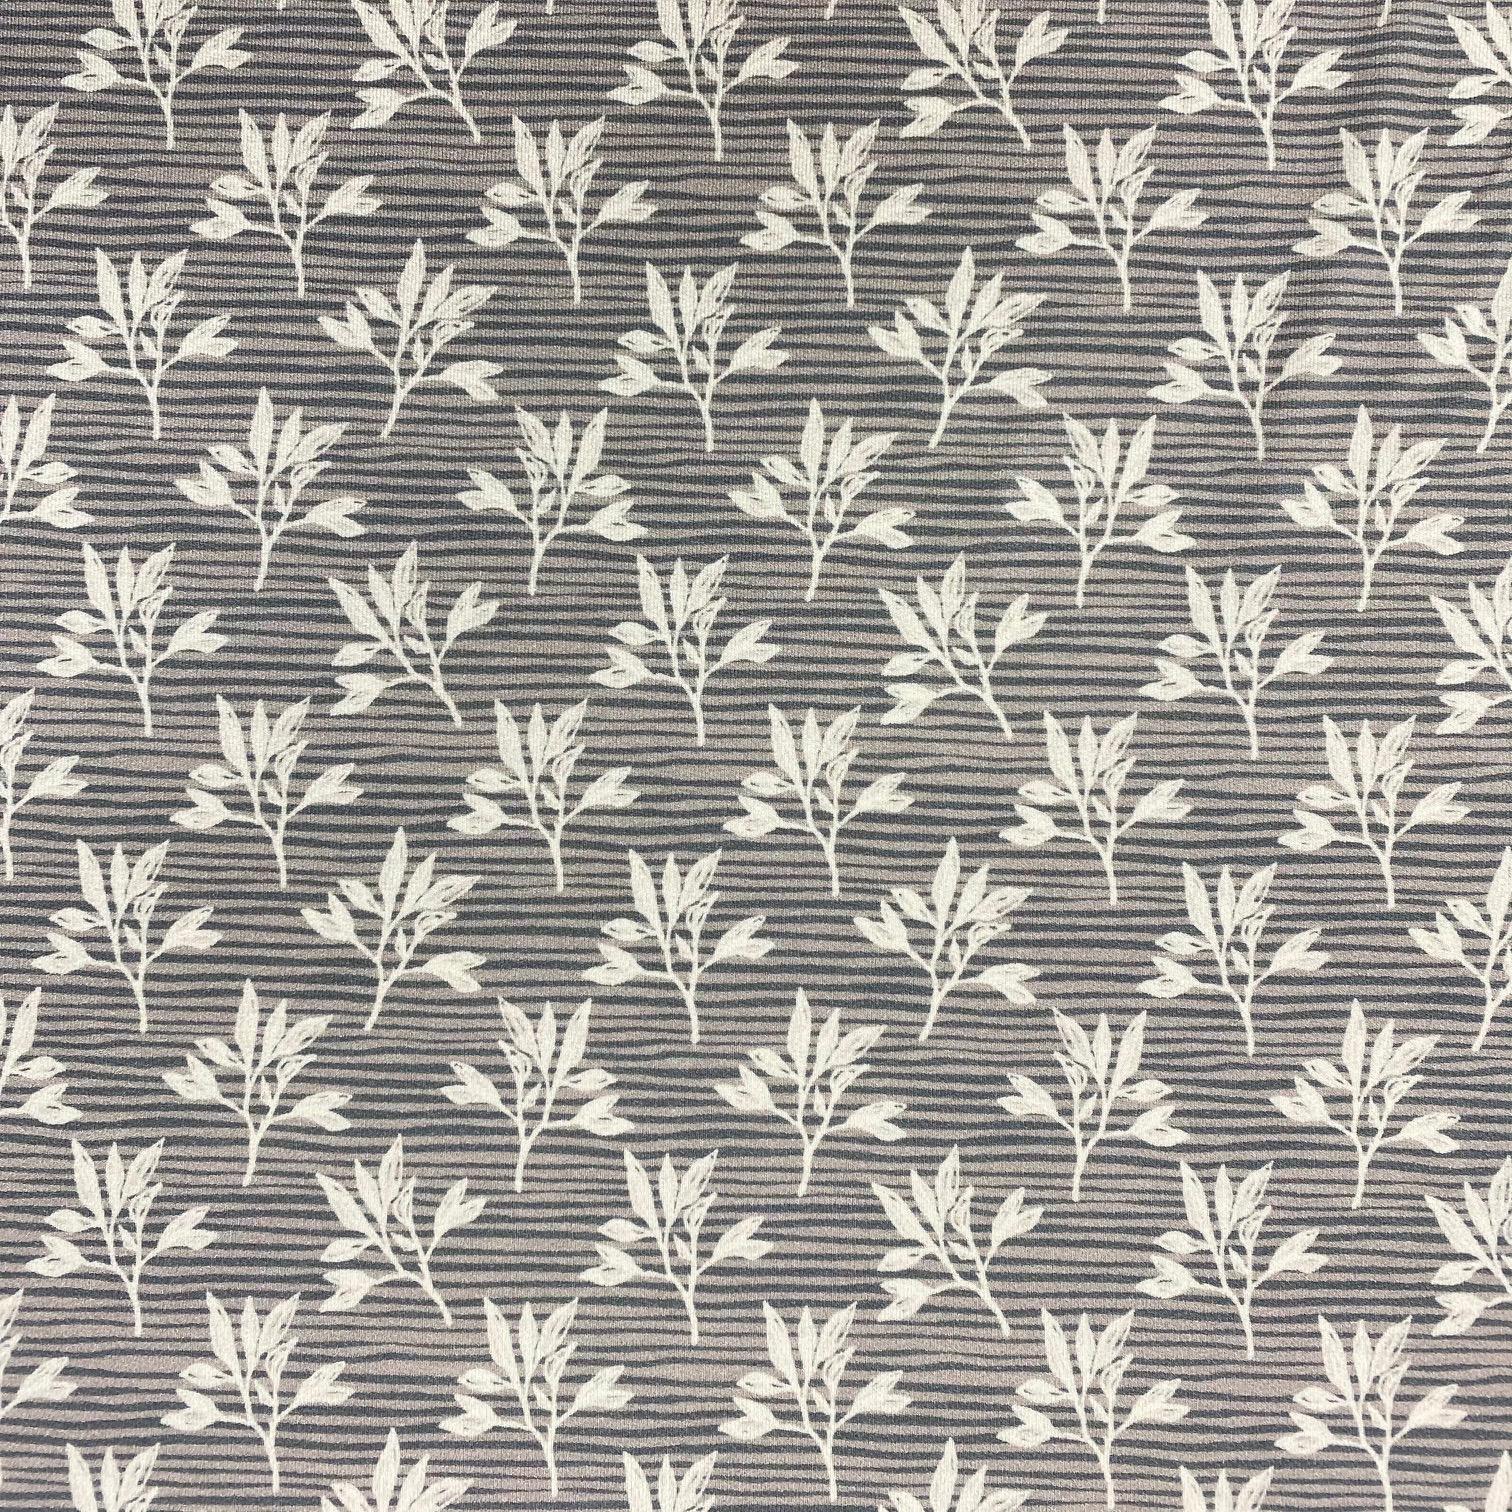 Viskosenjersey Crepe von FVJ, Blätter. Art. FVJ-2646